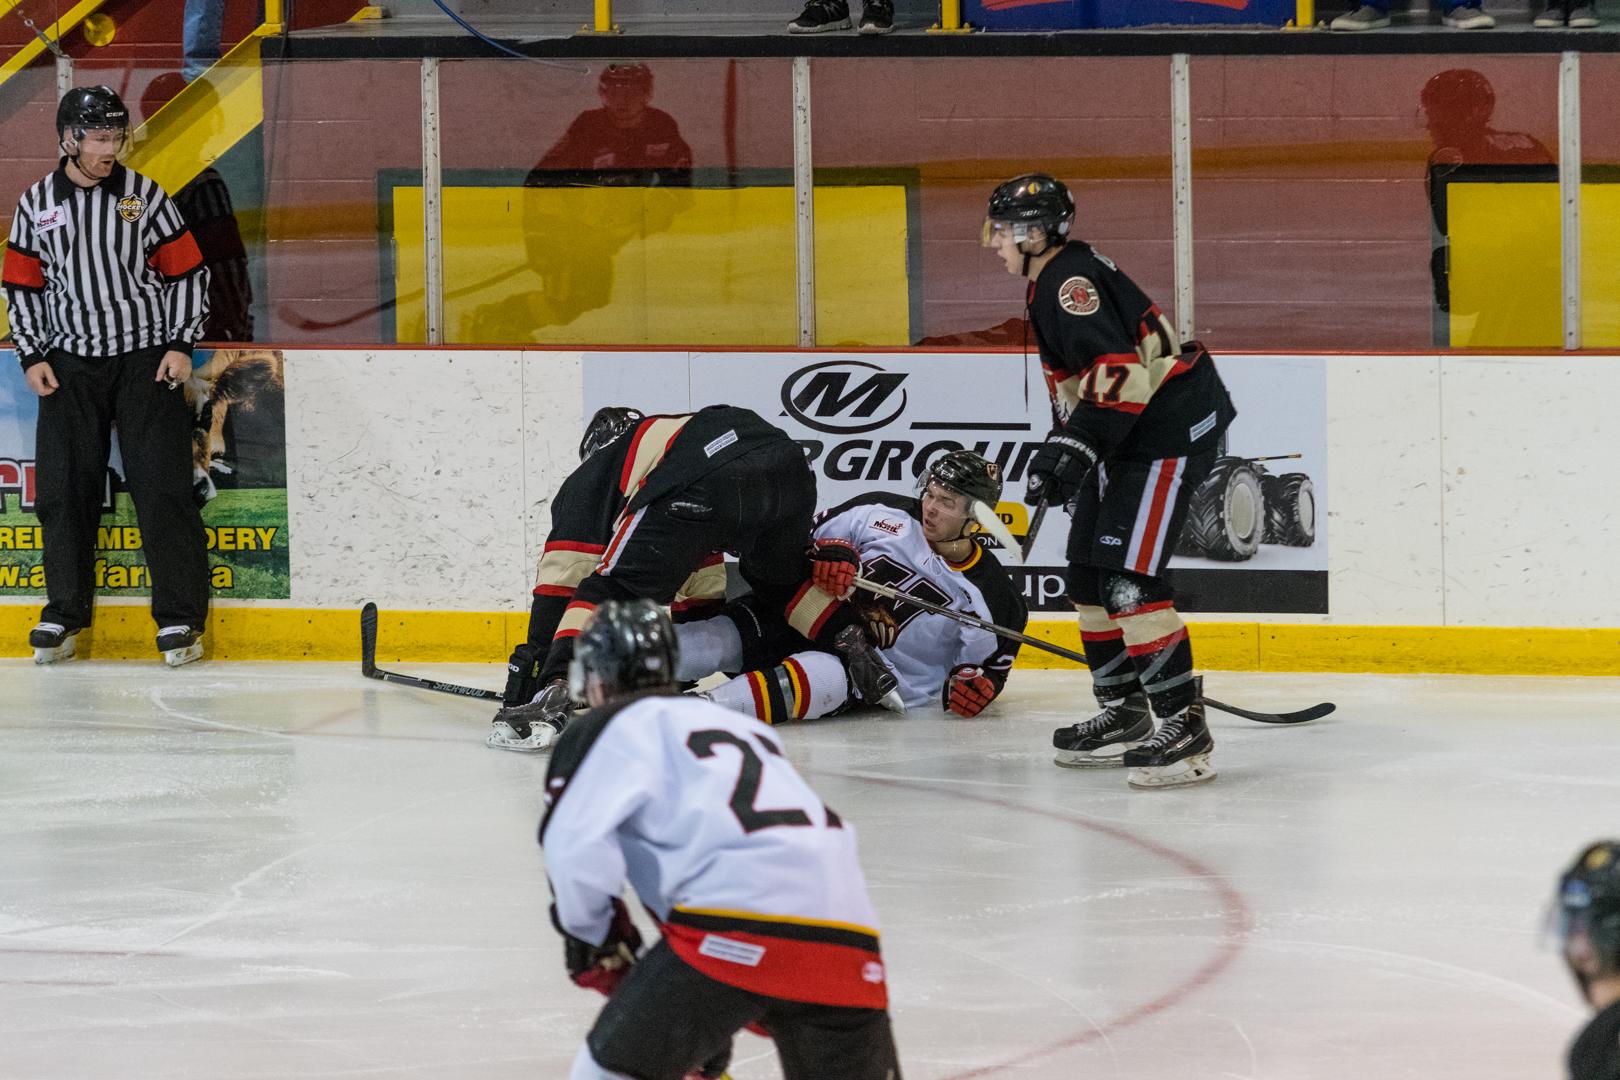 2017 10 10 Rossburn Hockey-389.jpg